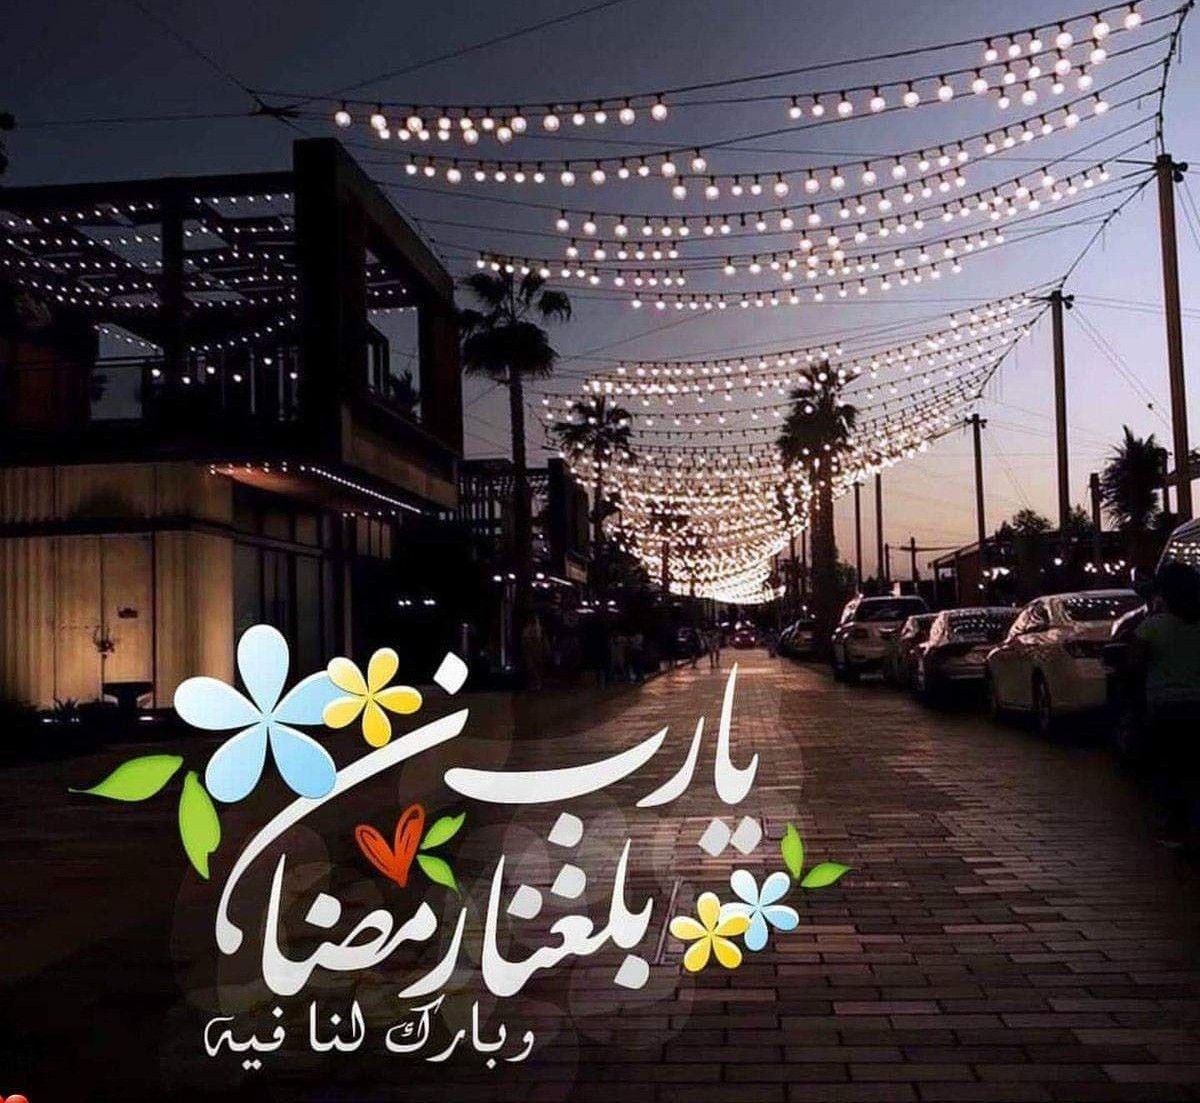 رائحة رمضان تزداد يوما بعد يوم لتعلن قربه اللهم بلغنا رمضان وانت راض عنا لا فاقدين ولا مفقودين Ramadan Arabic Calligraphy Art Ramadan Mubarak